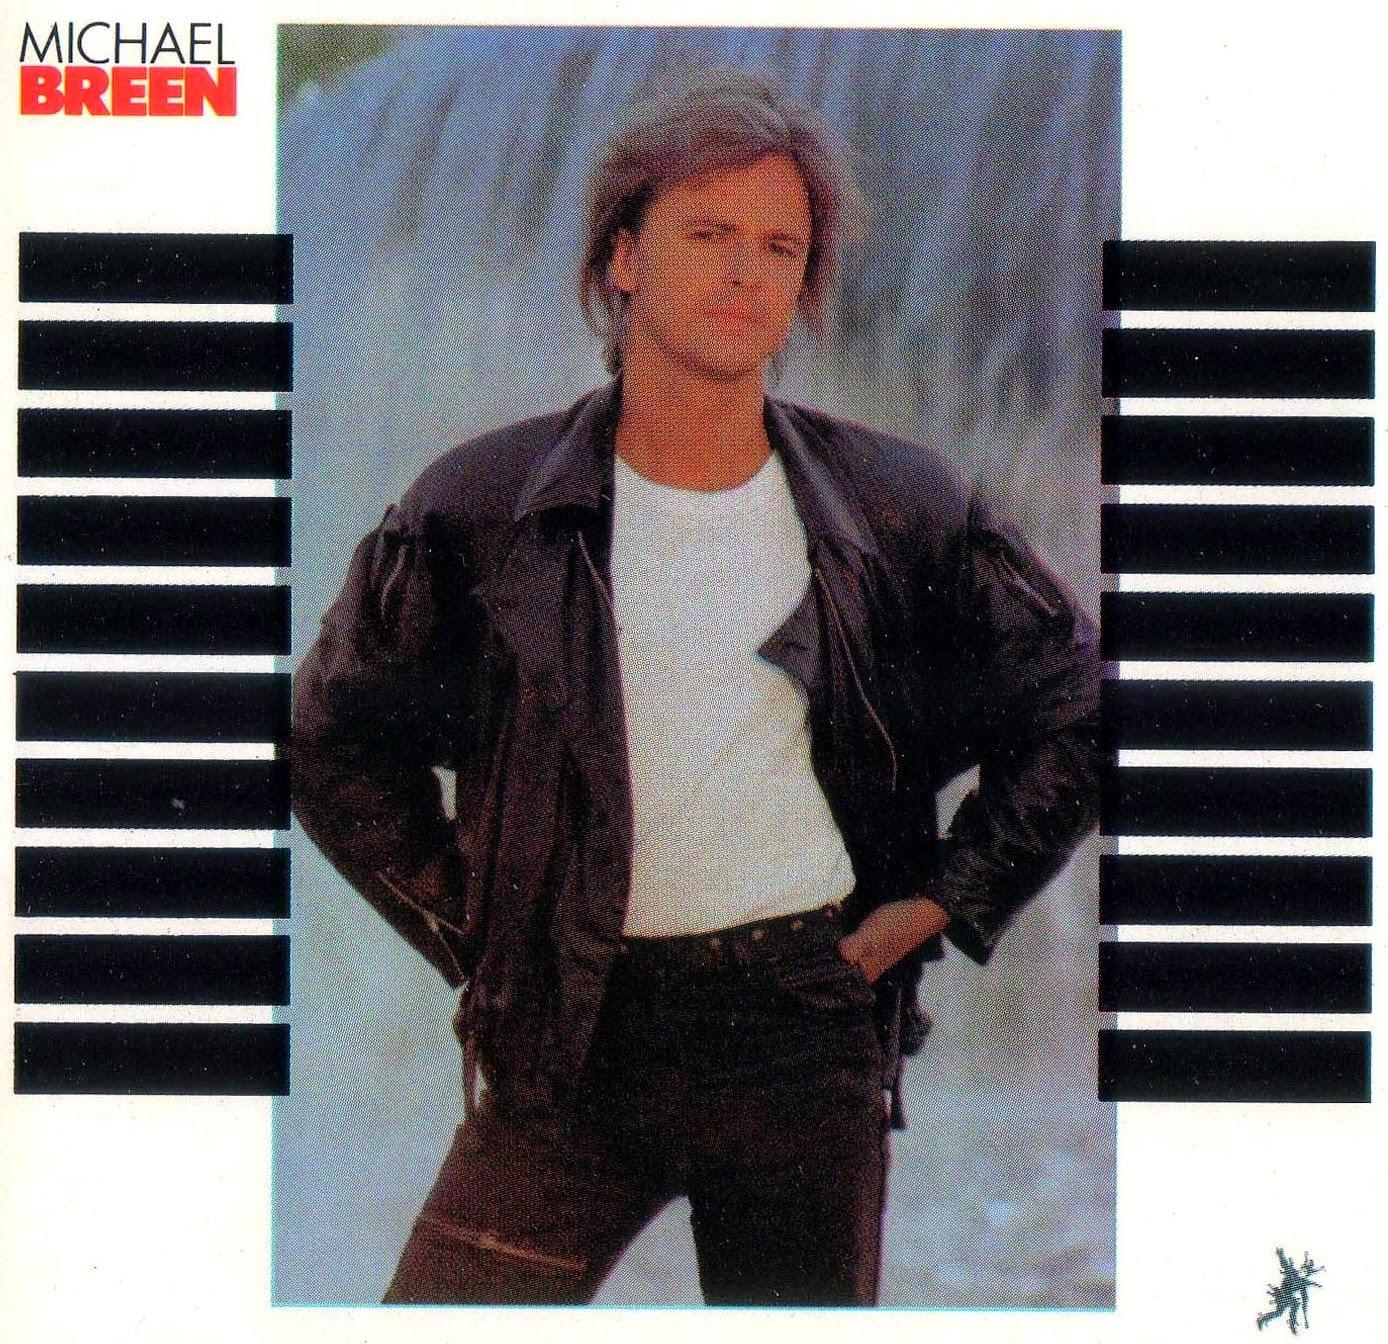 Michael Breen st 1987 aor melodic rock music blogspot full album bands